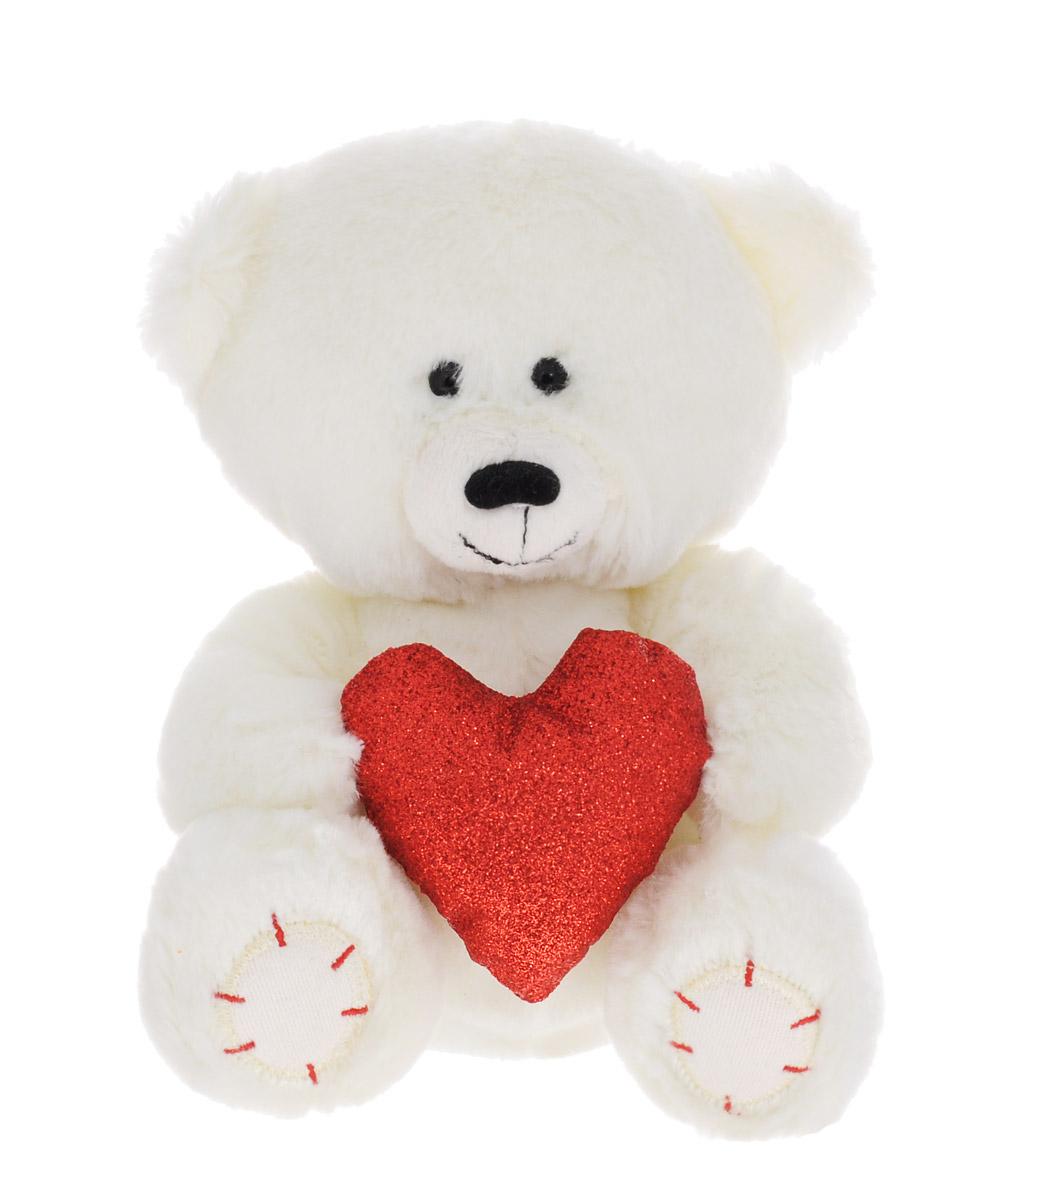 Lava Мягкая озвученная игрушка Медвежонок Масик с сердцем 16 смLA 8546EМягкая озвученная игрушка Lava Медвежонок Масик вызовет умиление и улыбку у каждого, кто ее увидит. Игрушка выполнена в виде милого мишки коричневого цвета, держащего в лапах подсолнух. Игрушка изготовлена из мягкого, приятного на ощупь искусственного меха и текстиля. Нажав на живот мишки, вы услышите очаровательное признание в любви. Удивительно мягкая игрушка принесет радость и подарит своему обладателю мгновения нежных объятий и приятных воспоминаний. Великолепное качество исполнения делают эту игрушку чудесным подарком к любому празднику. Игрушка работает от незаменяемых батареек. Мягкие игрушки торговой марки Lava станут достойным выбором для вашего ребенка!